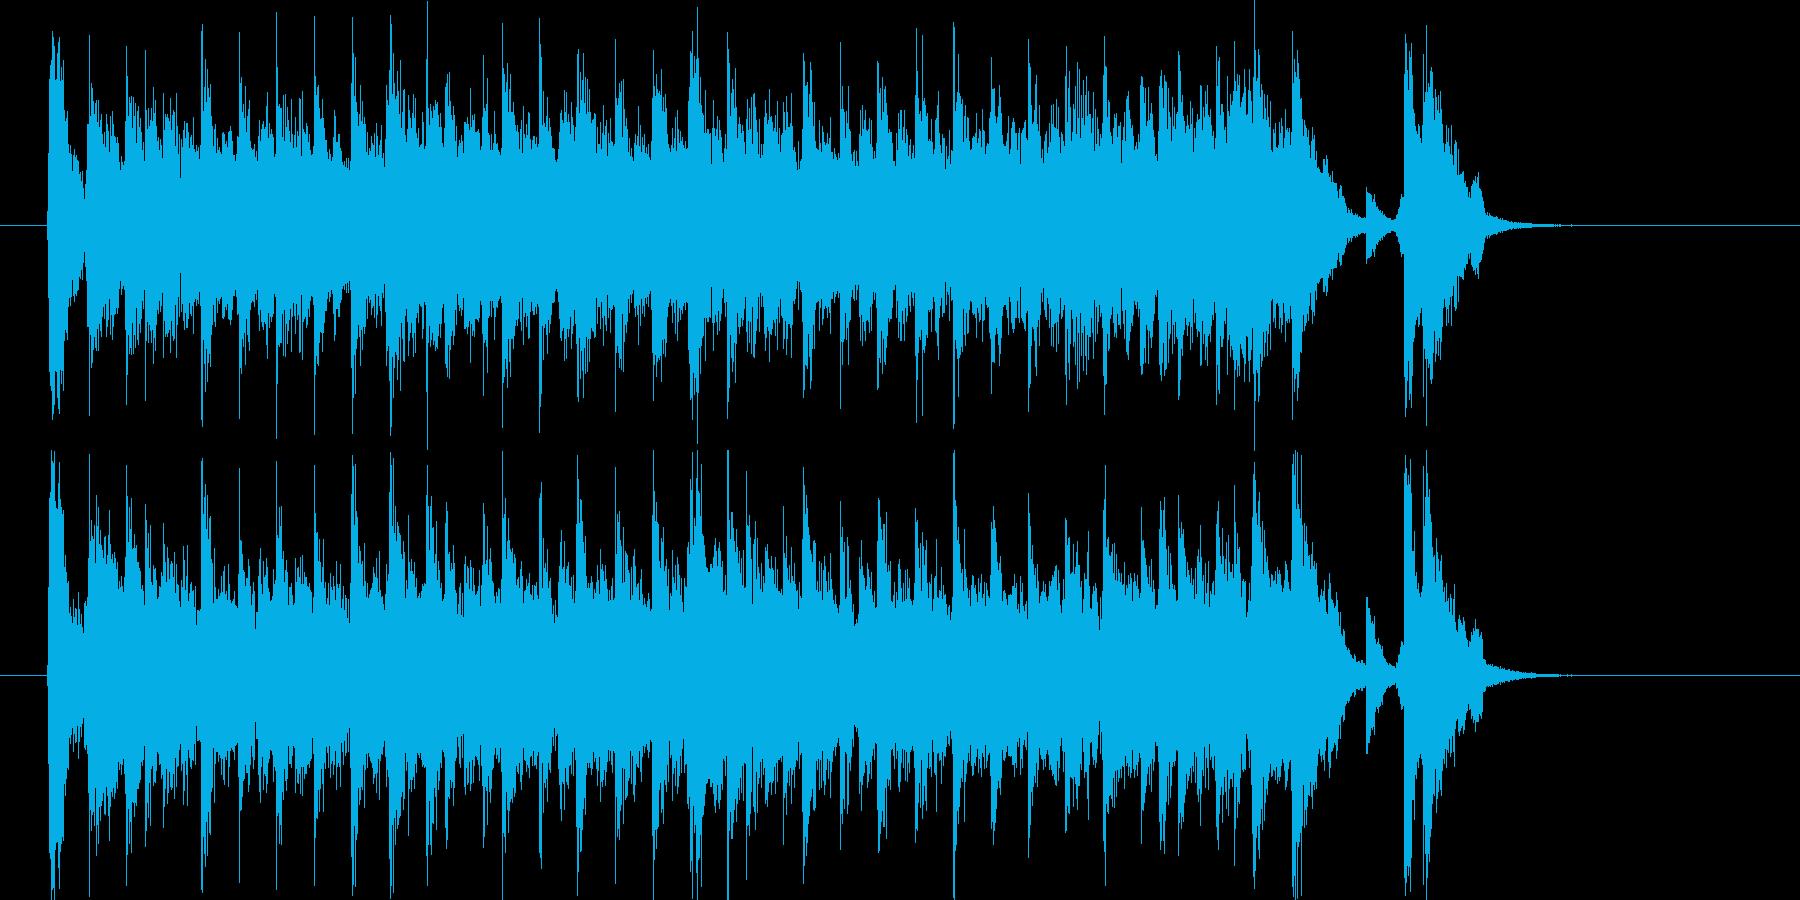 夏を感じさせる爽やかエレキポップジングルの再生済みの波形